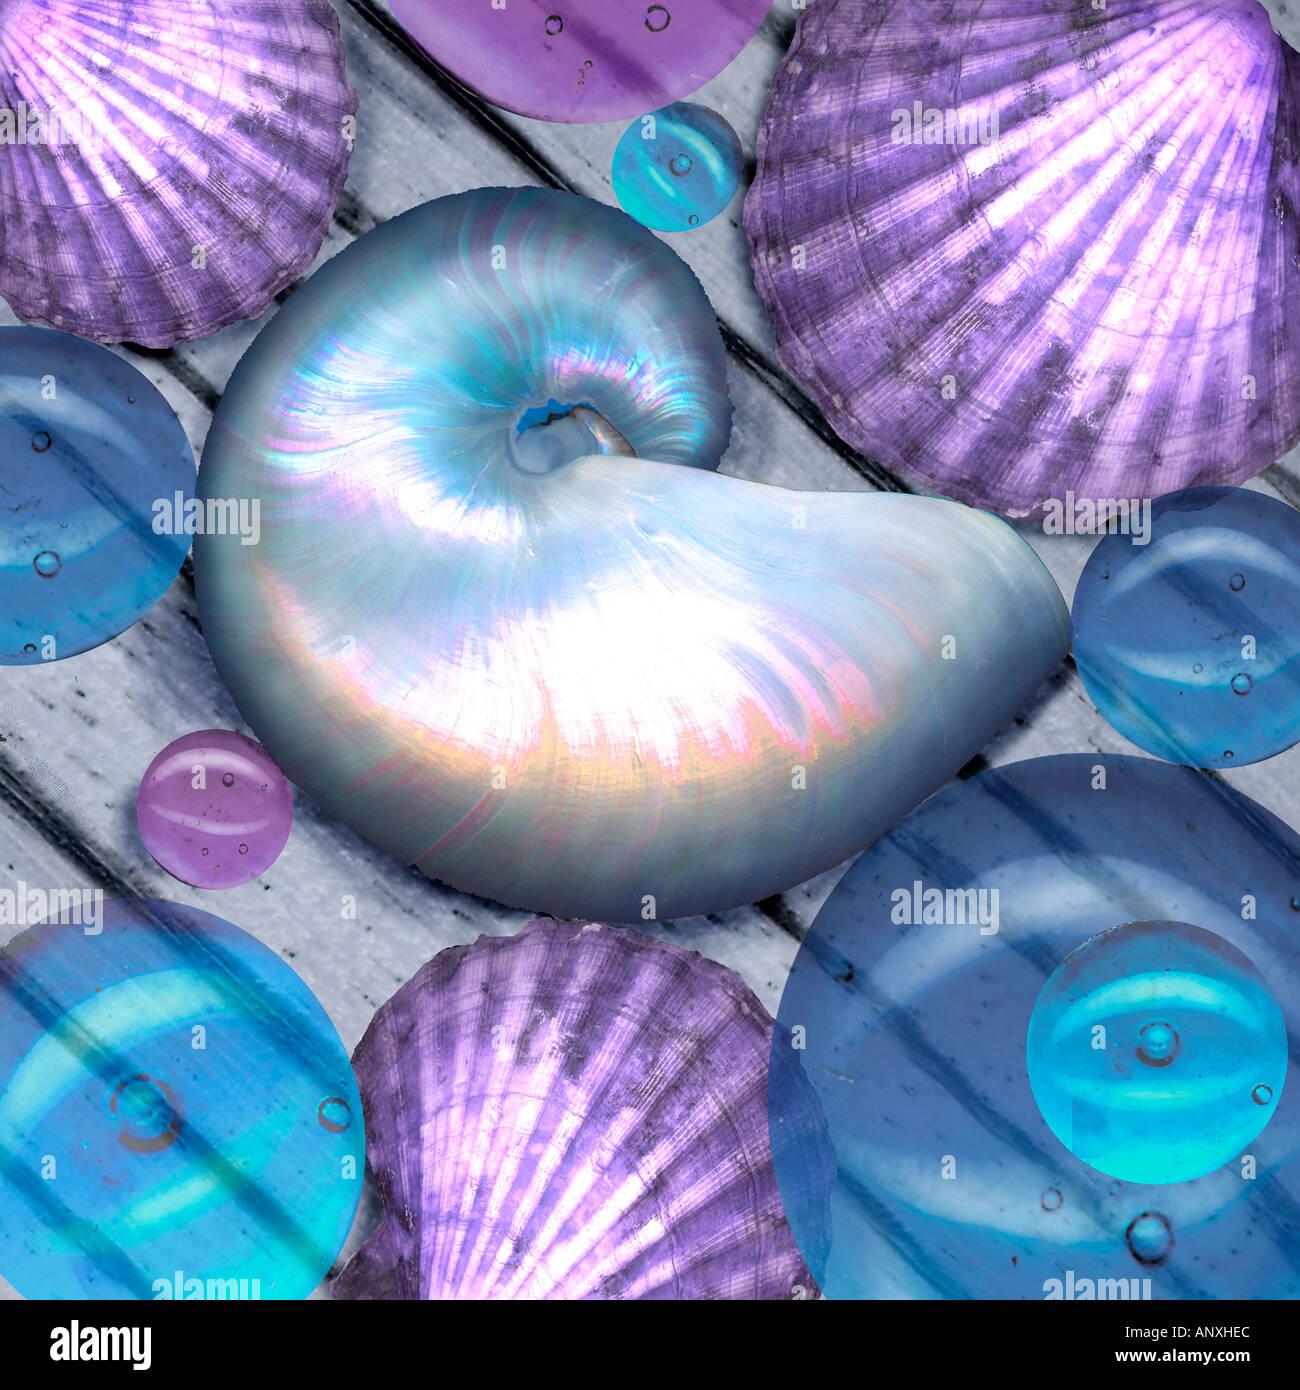 Ancora vita gusci bolle su tavole di legno foto grafica illustrazione nautilus Immagini Stock